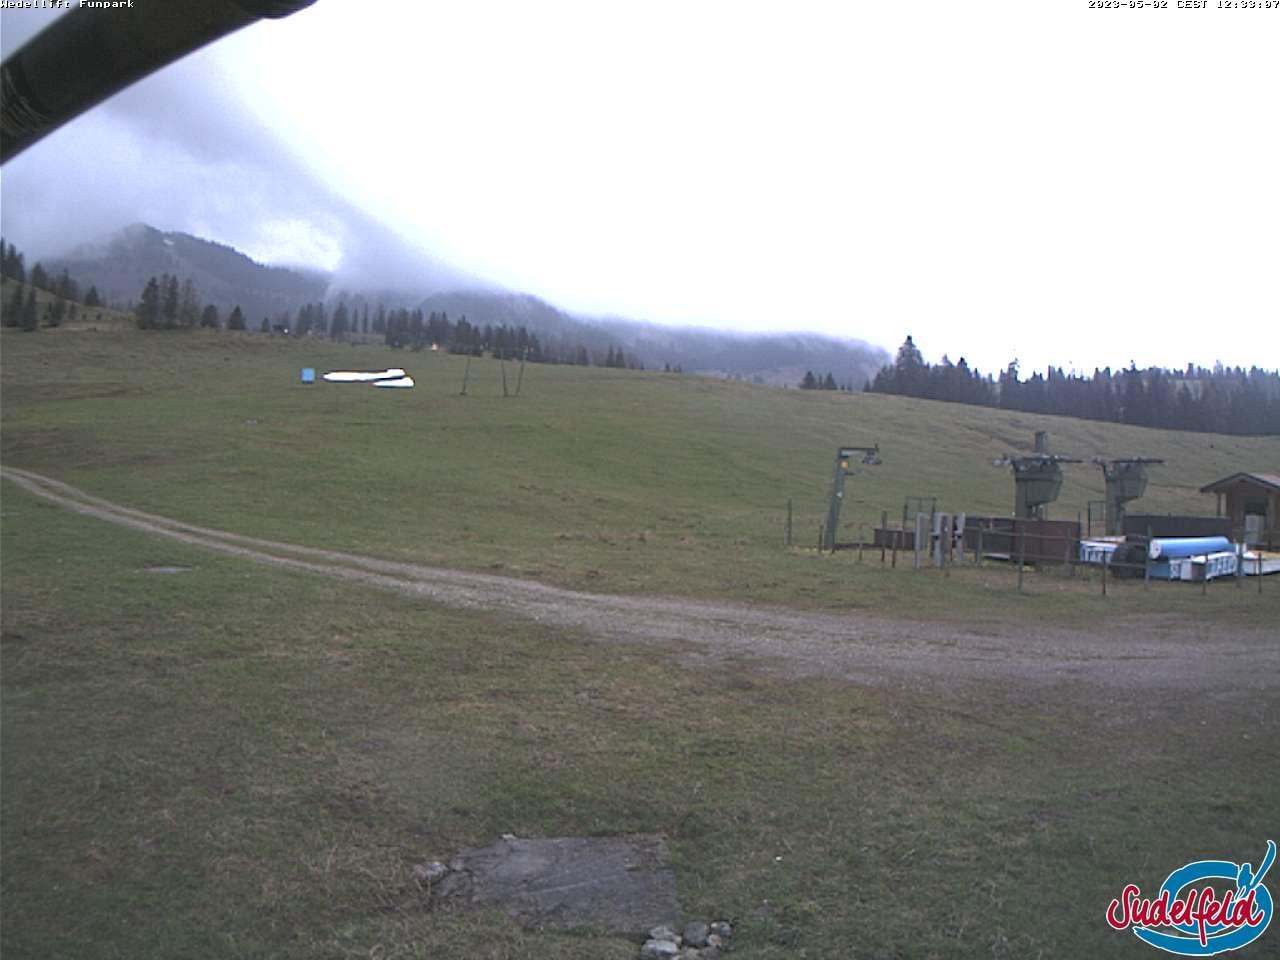 Webcam en Sessellift Kitzlahner, Sudelfeld (Alemania)